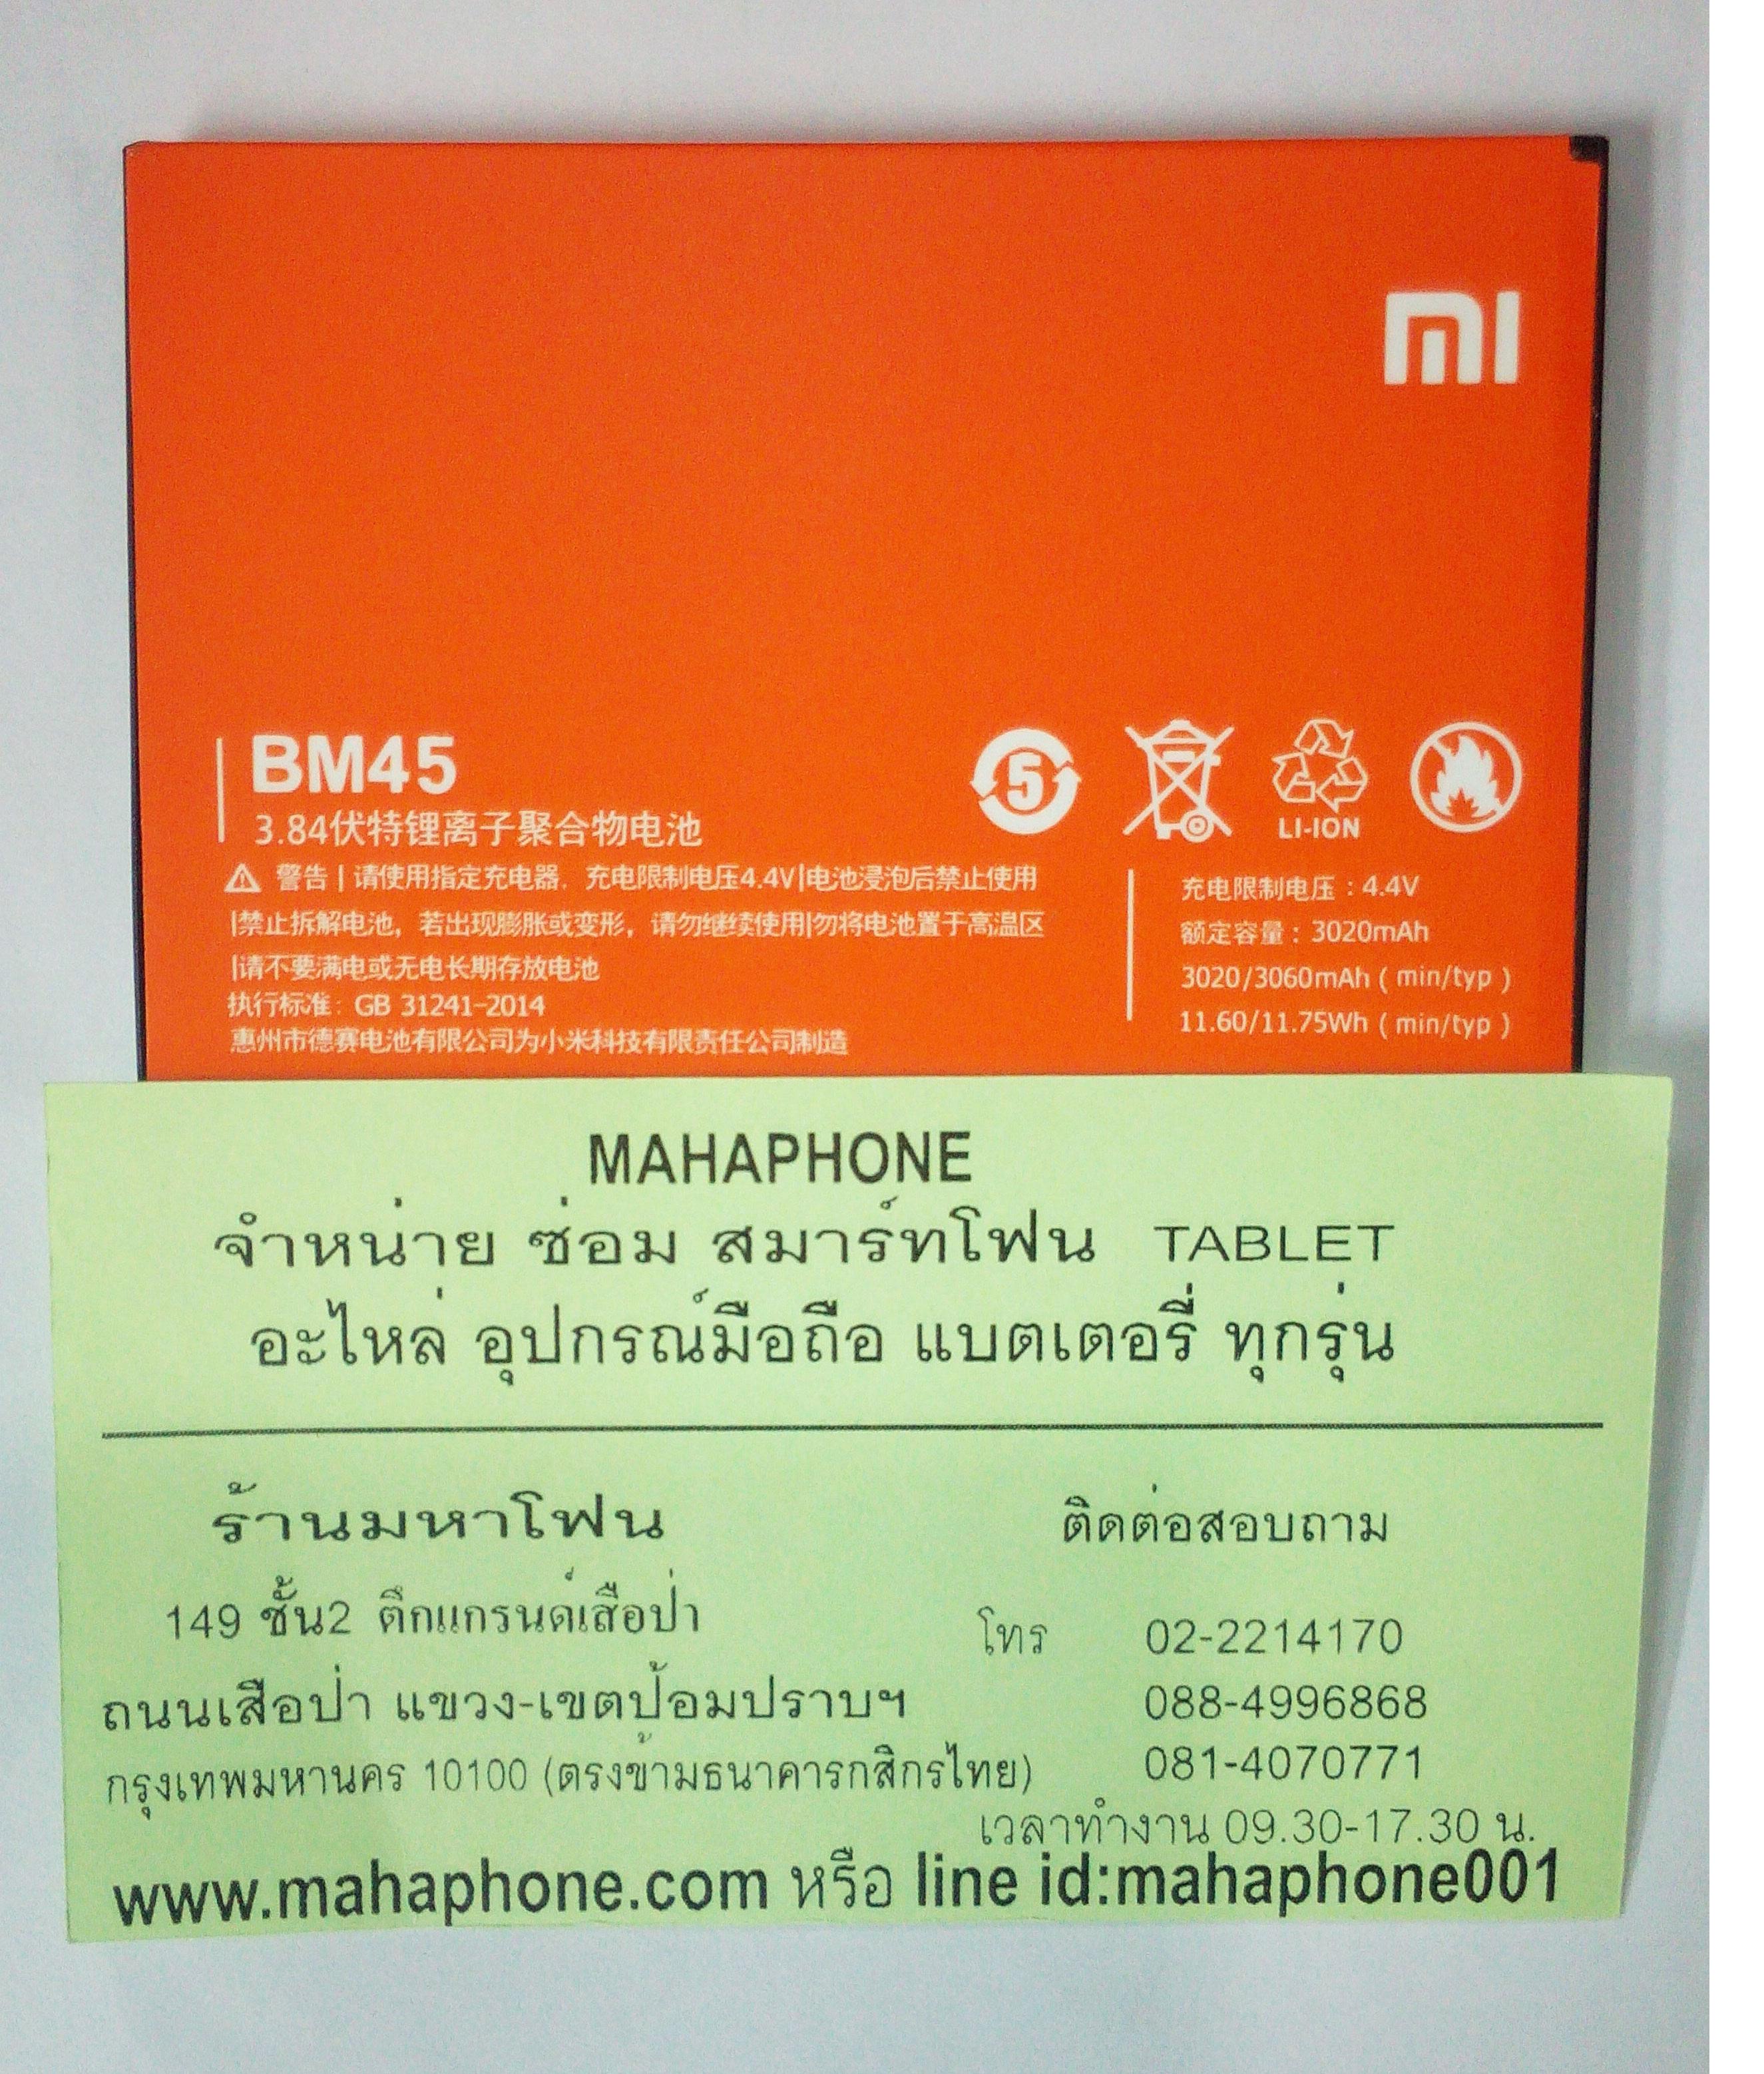 แบตเตอรี่ Xiaomi Redmi NOTE2 / NOTE2Prime( BM45 ) - 3060 Mah ของแท้